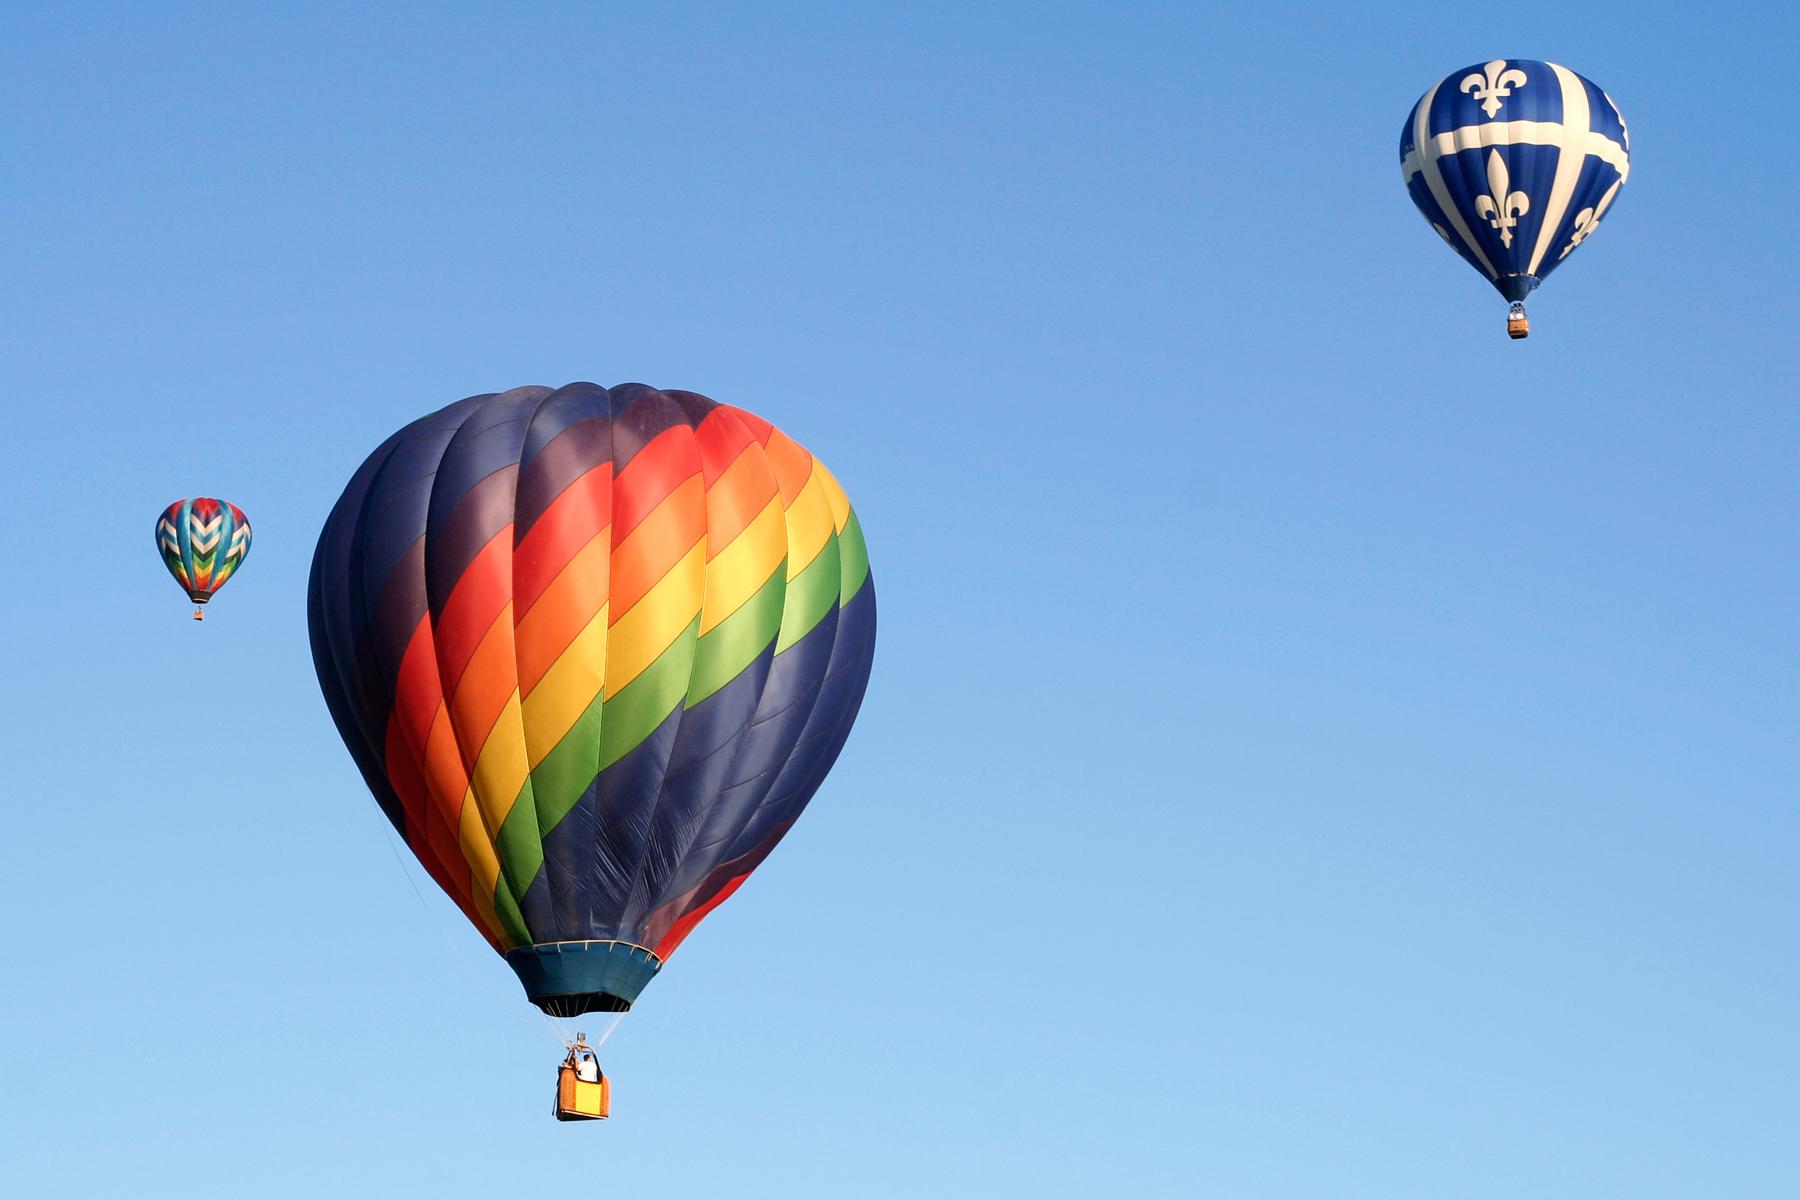 Hot Air Balloons, Adventure, Lys, Pretty, Outside, HQ Photo